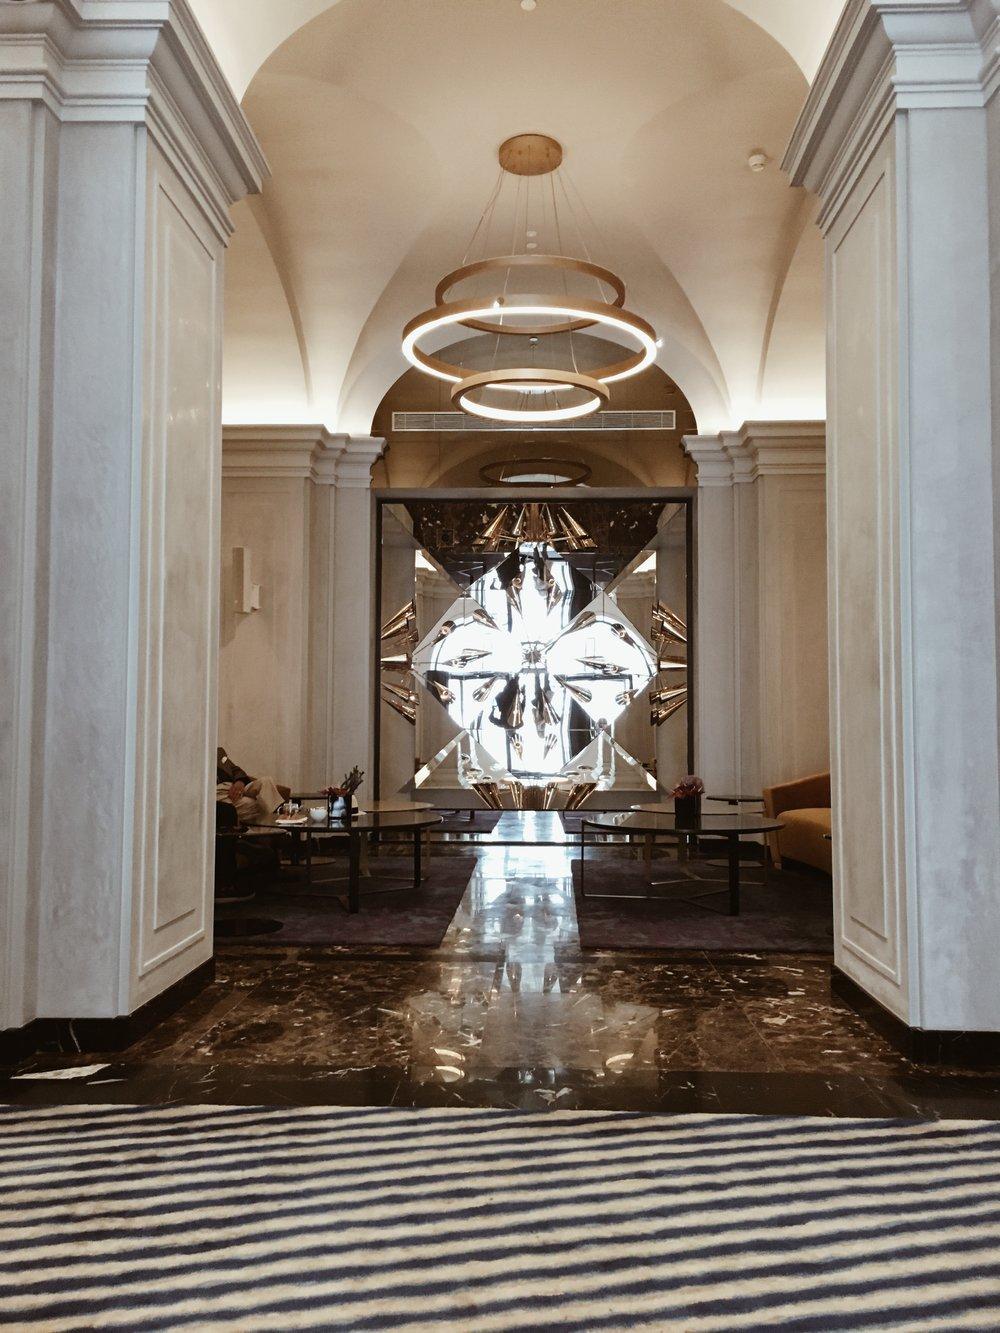 Na ścianie został zawieszony oryginalny żyrandol z dawnego Hotelu Europejskiego, który ponownie wpisał się w wystrój w formie oprawionego lustrami kalejdoskopu.